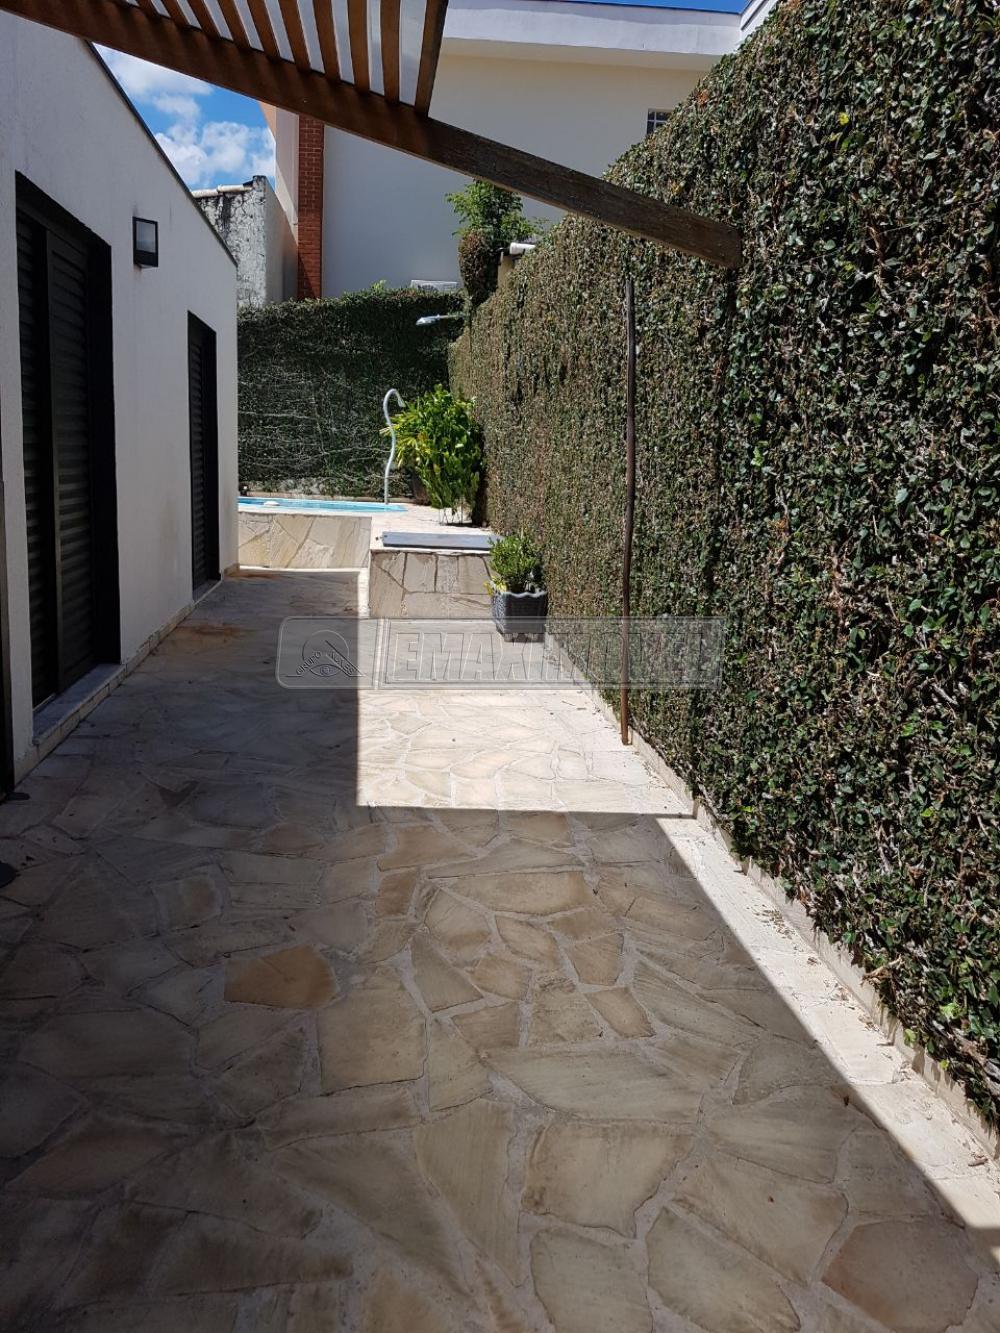 Comprar Casas / em Bairros em Sorocaba apenas R$ 550.000,00 - Foto 16